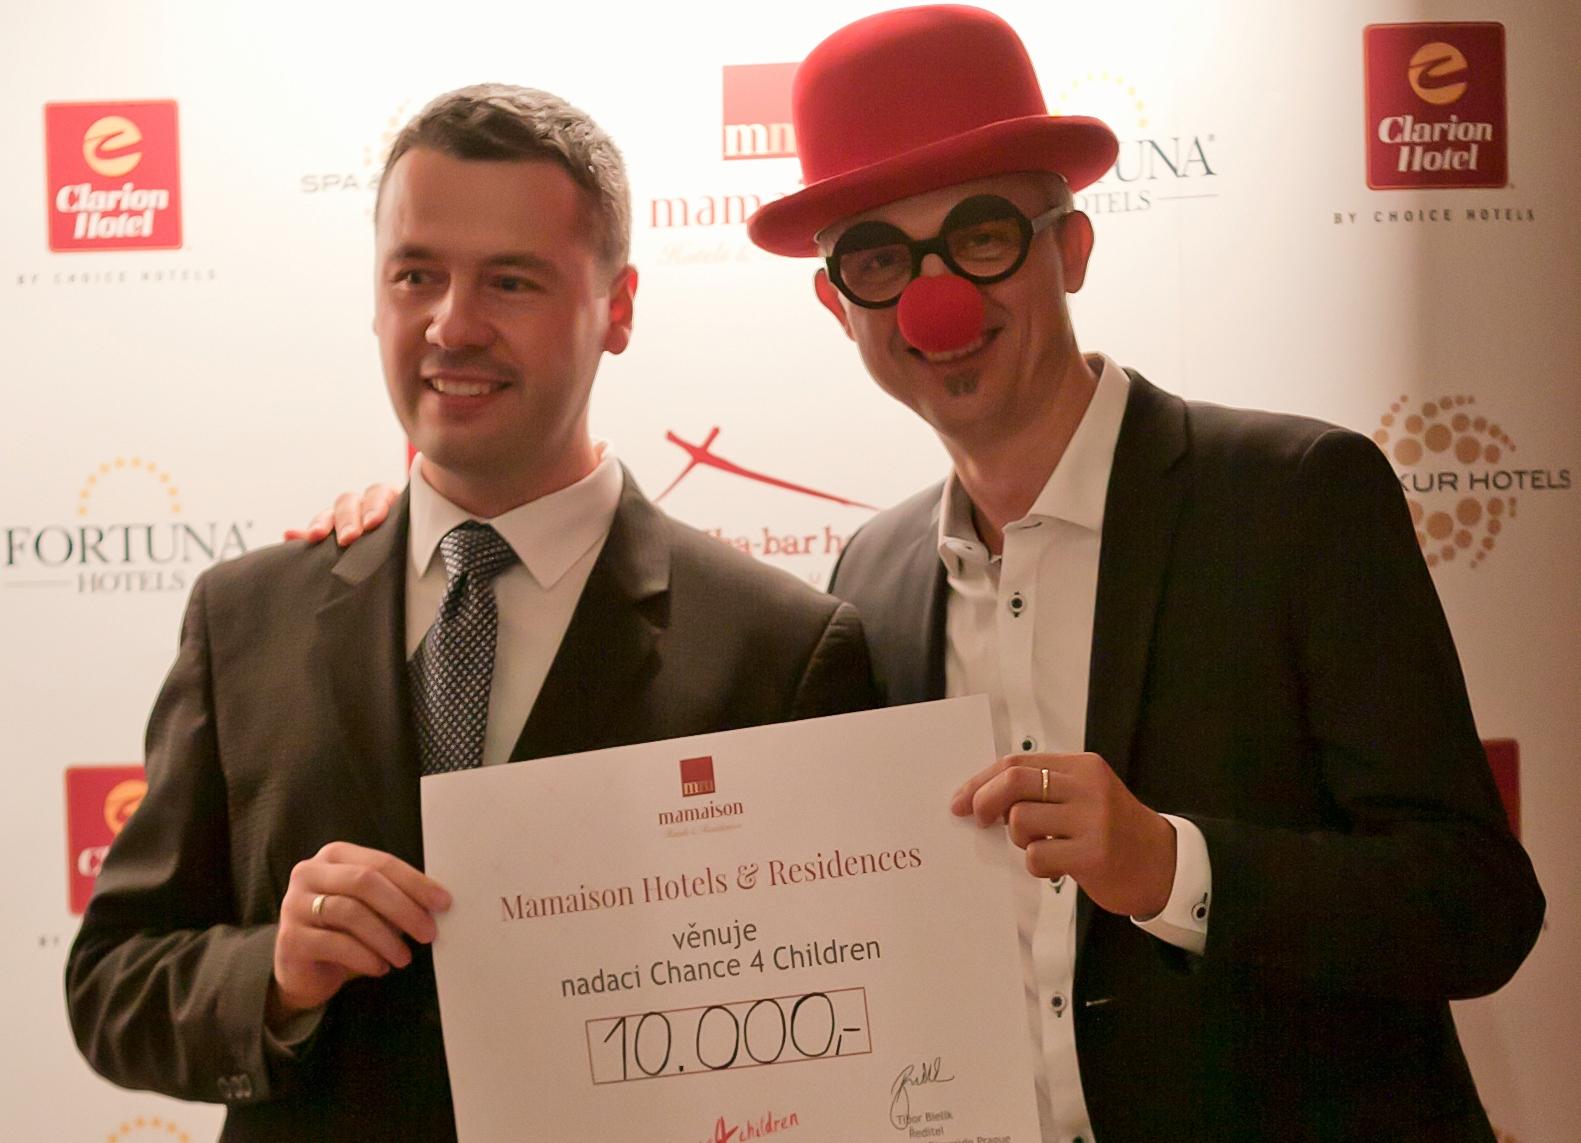 Dobročinný bazar v Mamaison Hotelu Riverside přispěl 10 tisíc korun nadaci Chance 4 Children